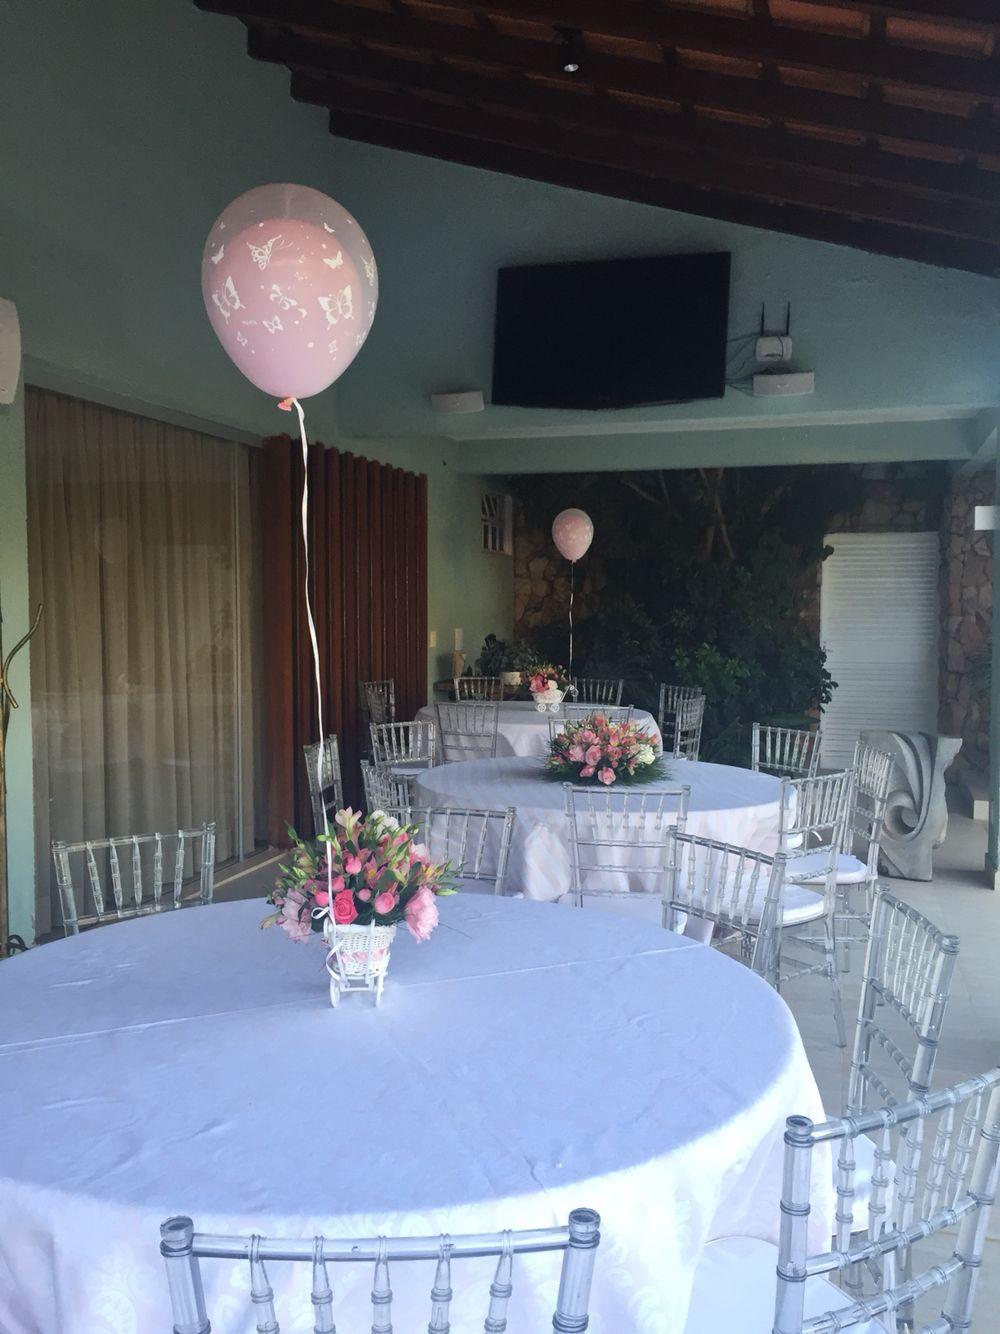 Toalhas brocadas - cadeiras Tifany transparente - centro de mesa com for e balão a gás